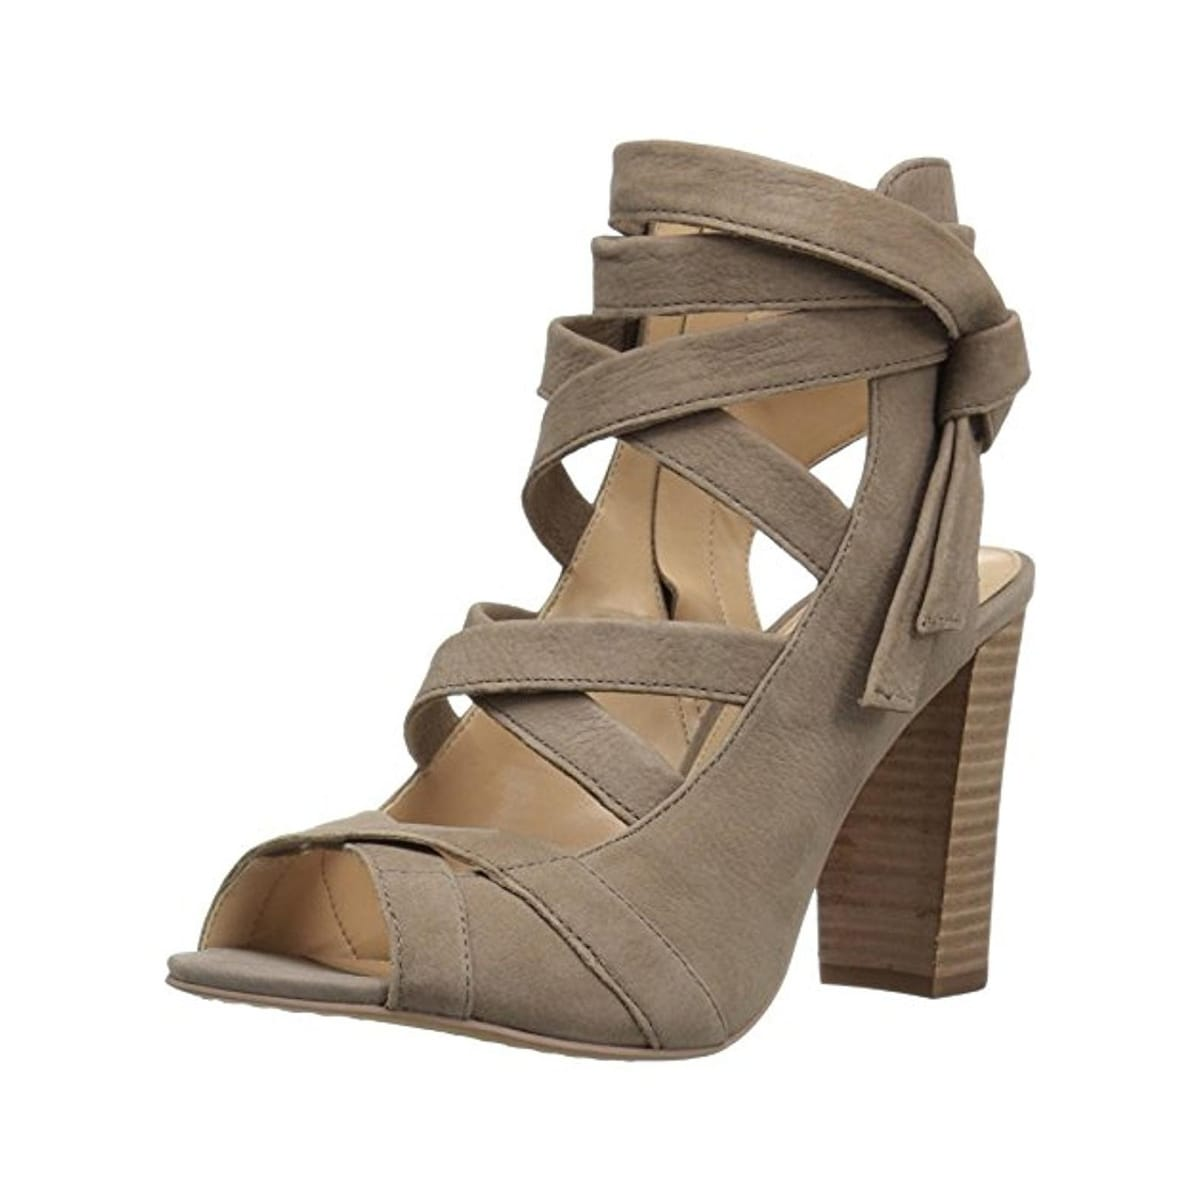 7c1cf79bc05 Buy Vince Camuto Women s Heels Online at Overstock